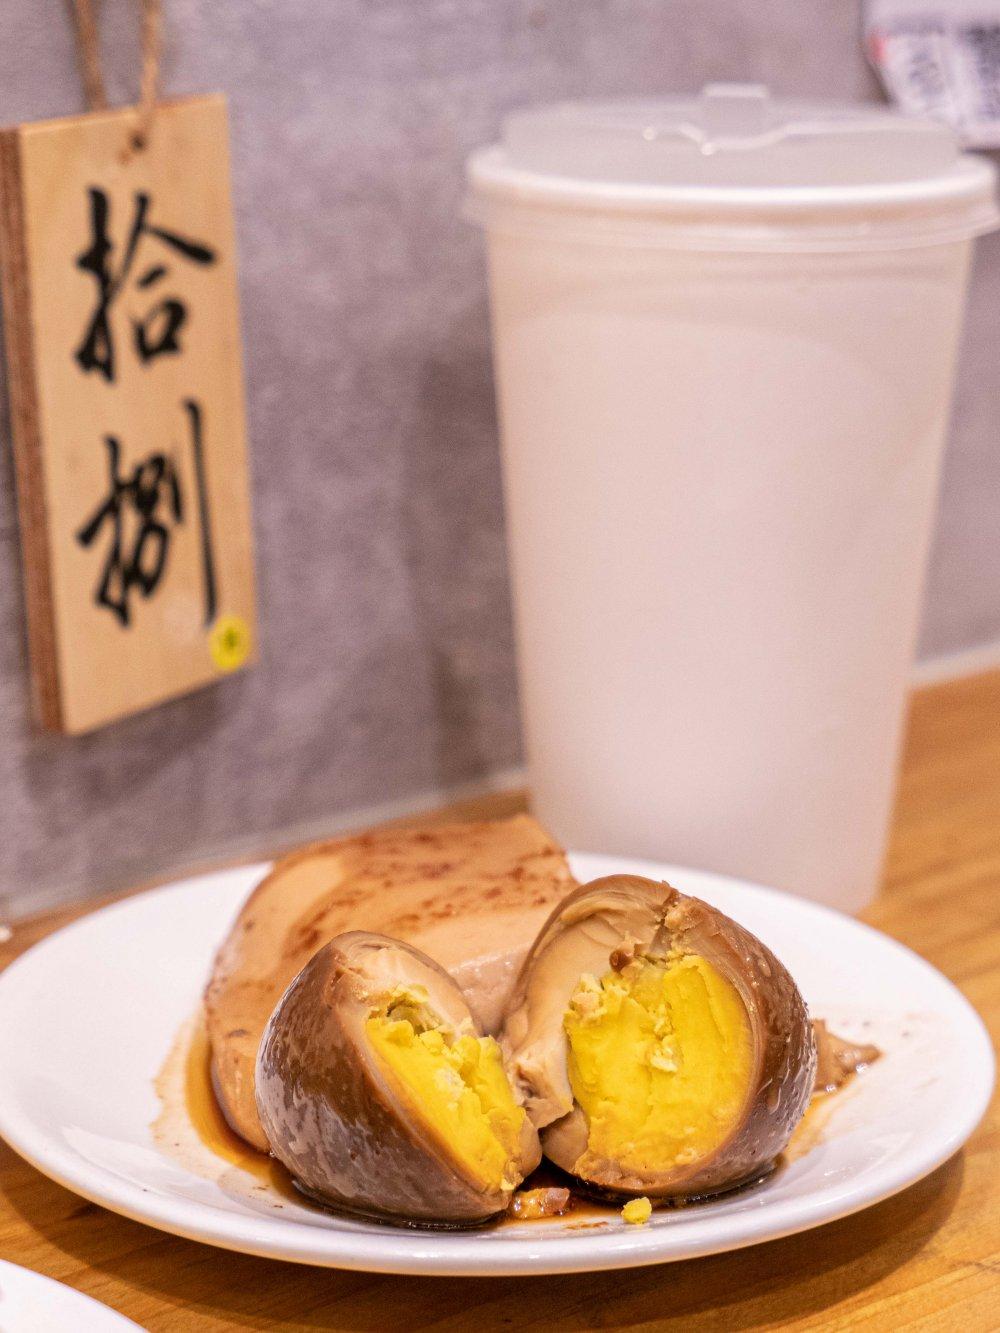 阿蓮米粉湯- 套餐豆腐 紅茶